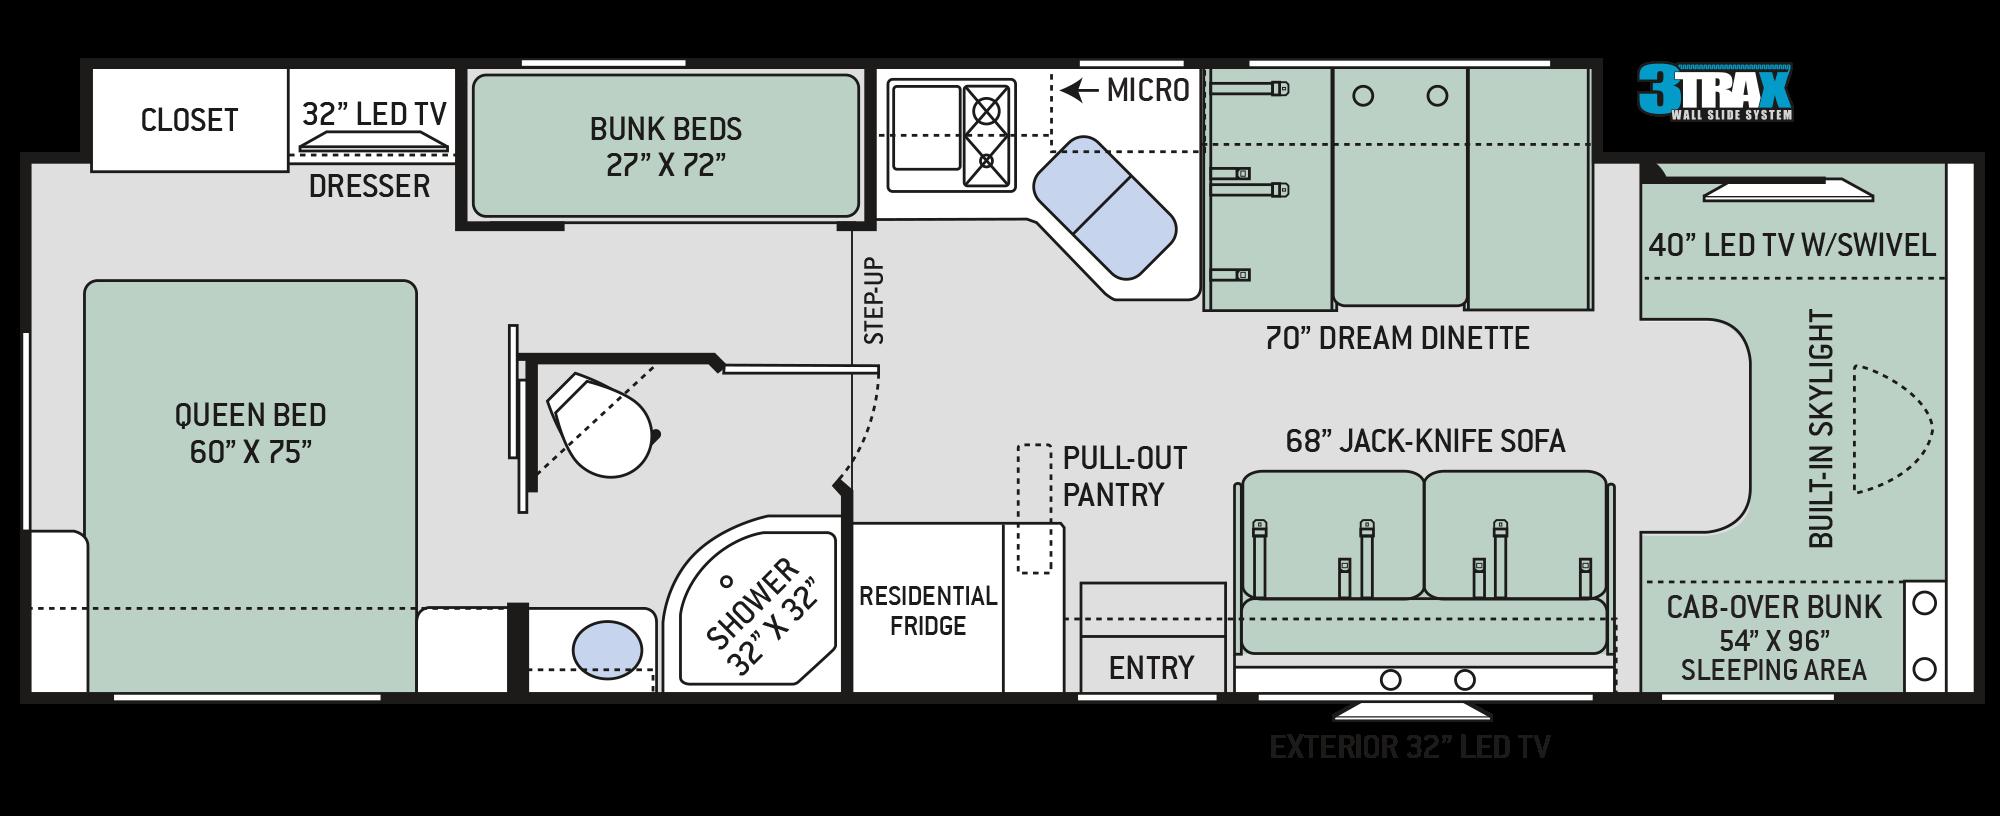 Floor plans quantum lf31 for Floor plans quantum bay